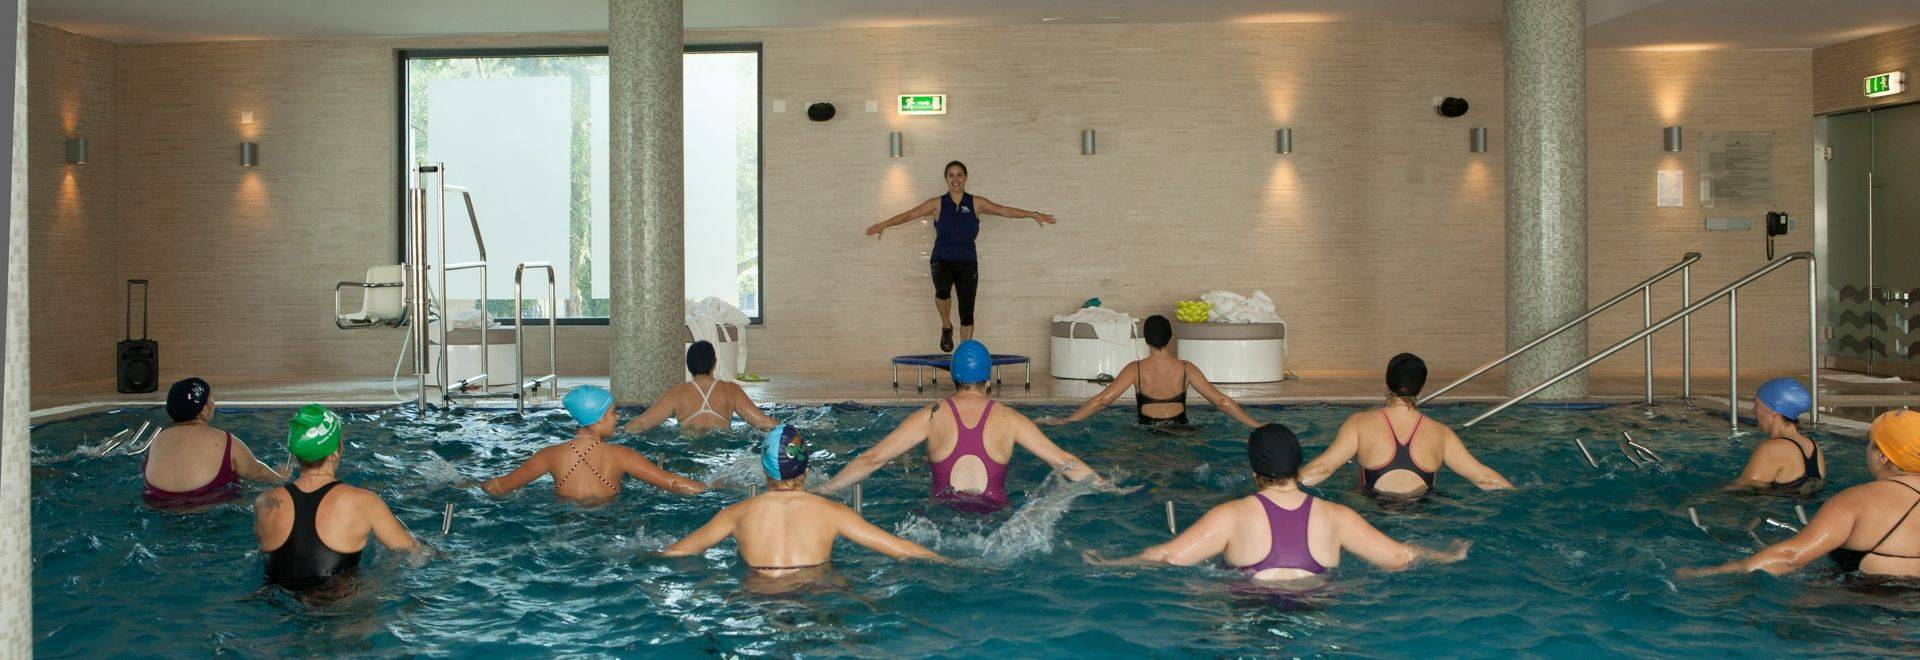 Palacio-Estoril-hydro-class-pool.JPG